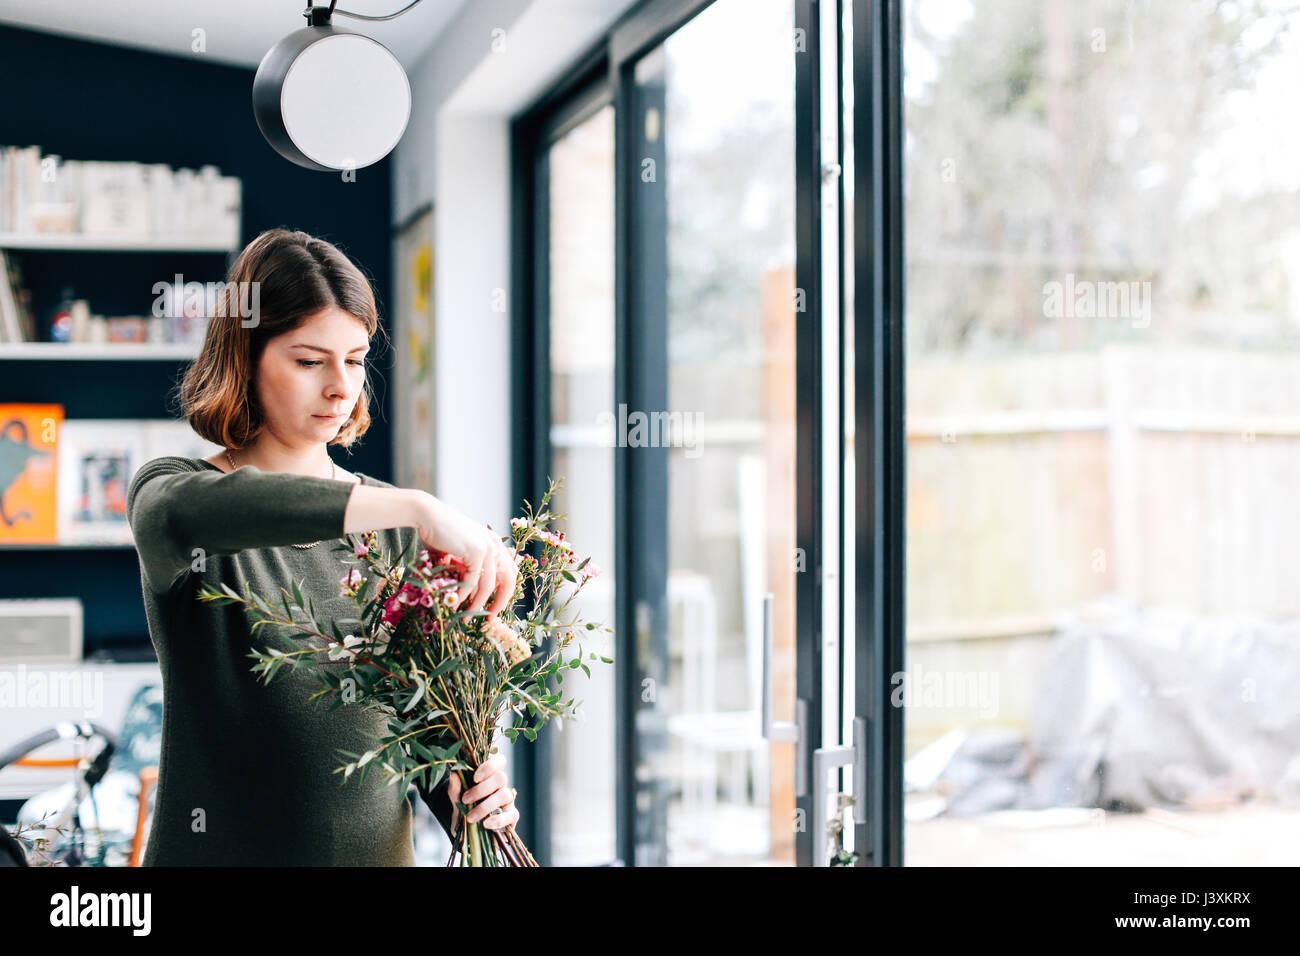 L'organisation étudiante fleuriste bouquet à l'atelier floral Photo Stock